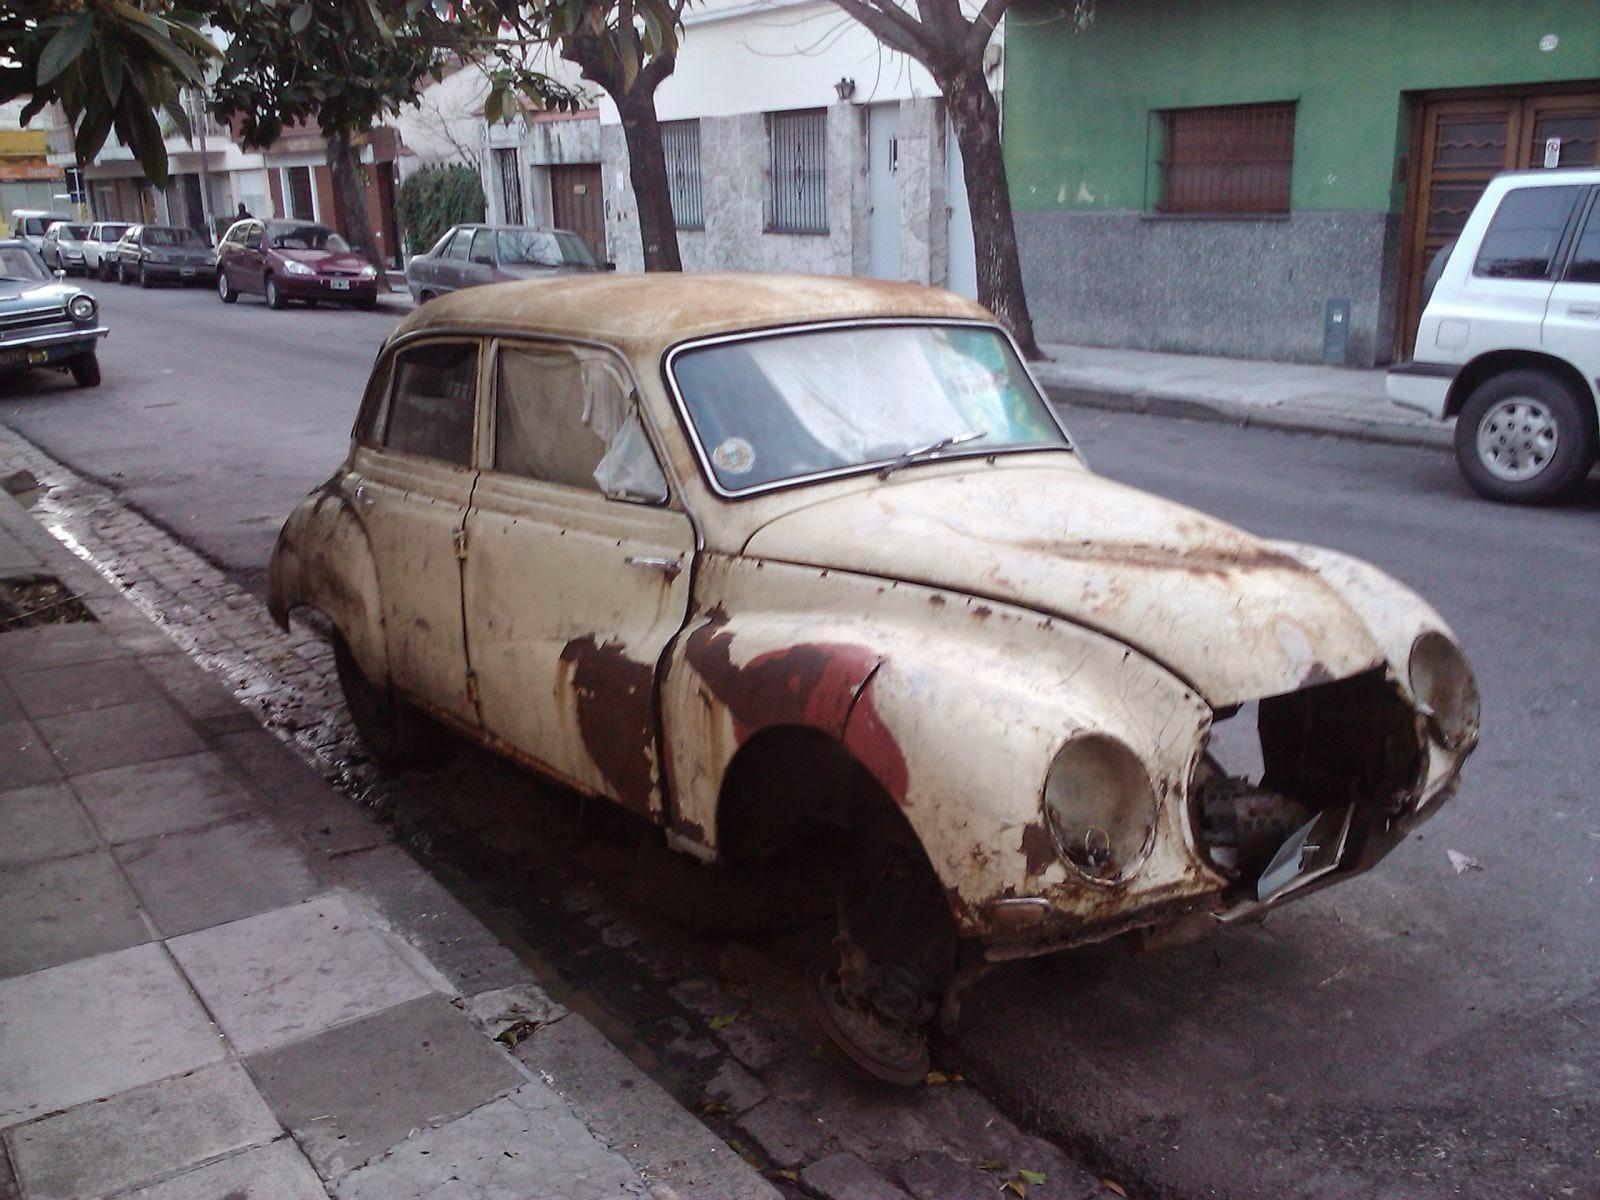 http://www.desafine.net/2015/02/amet-recogera-vehiculos-viejos-dejados-en-las-calles.html